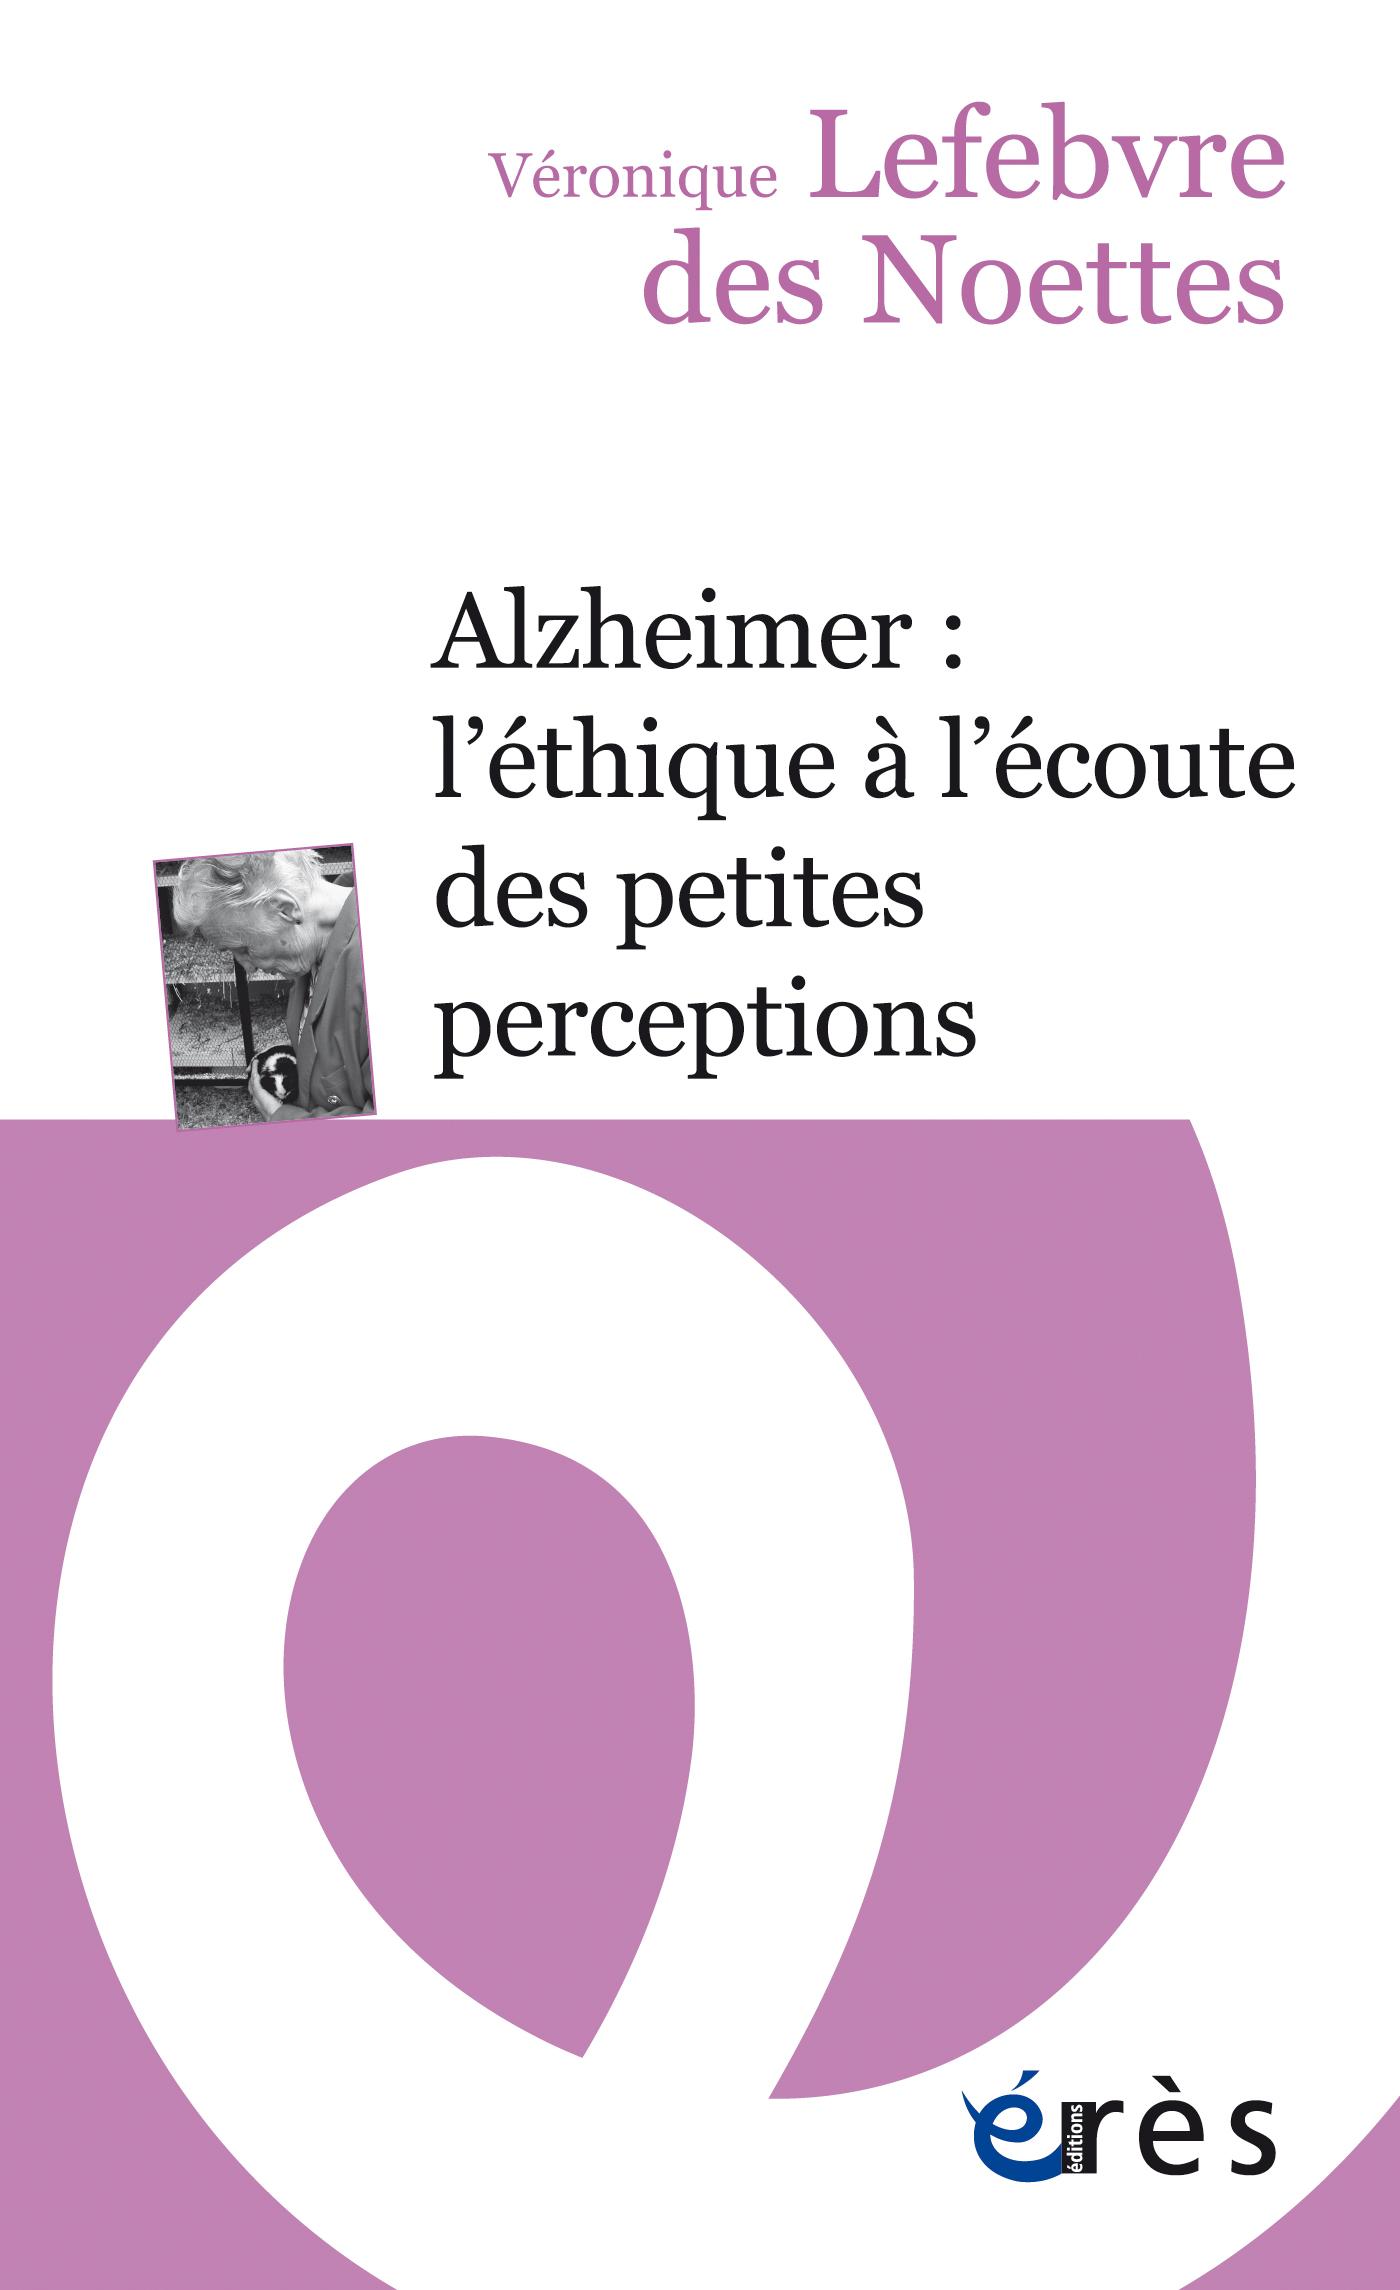 Alzheimer : l'éthique à l'écoute des petites perceptions